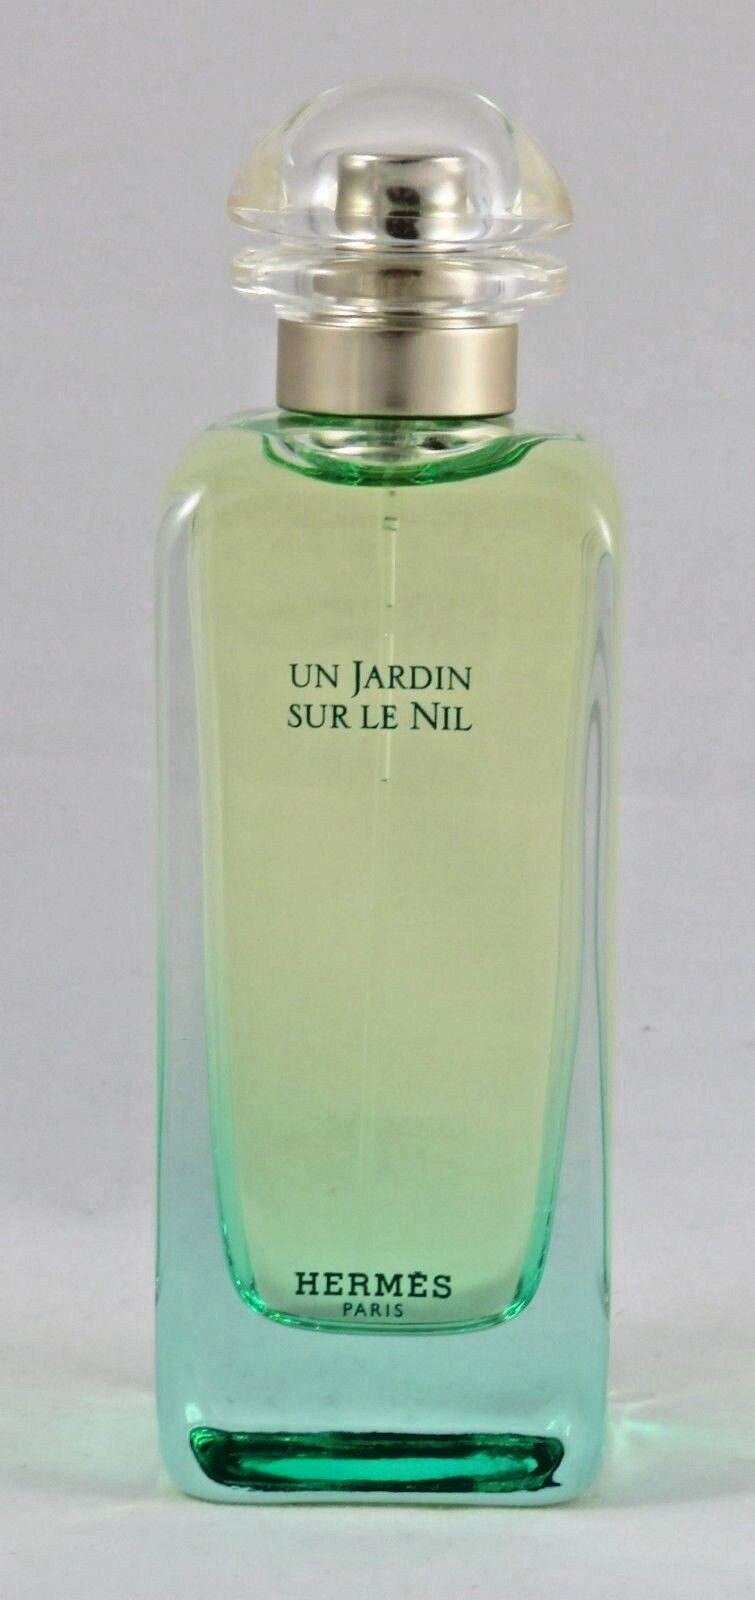 Hermes Un Jardin sur le Nil 100 ml Eau de Toilette Spray